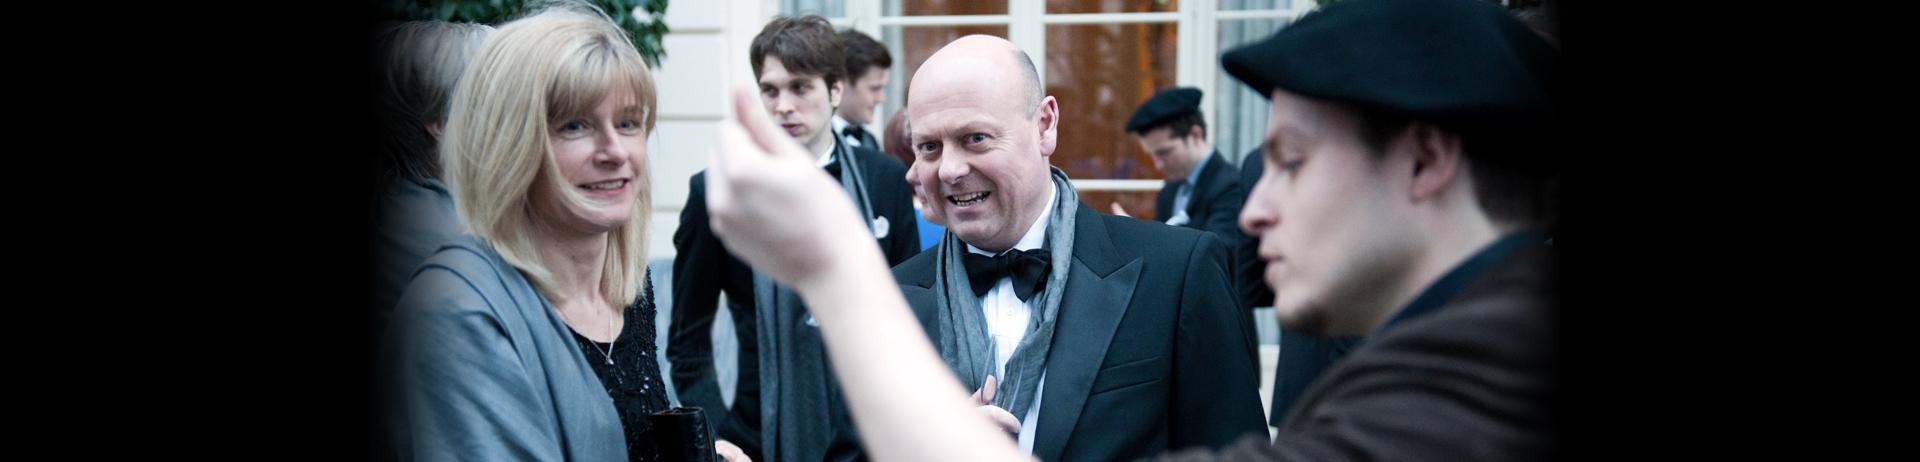 London magician Jack Lenoir in Versailles